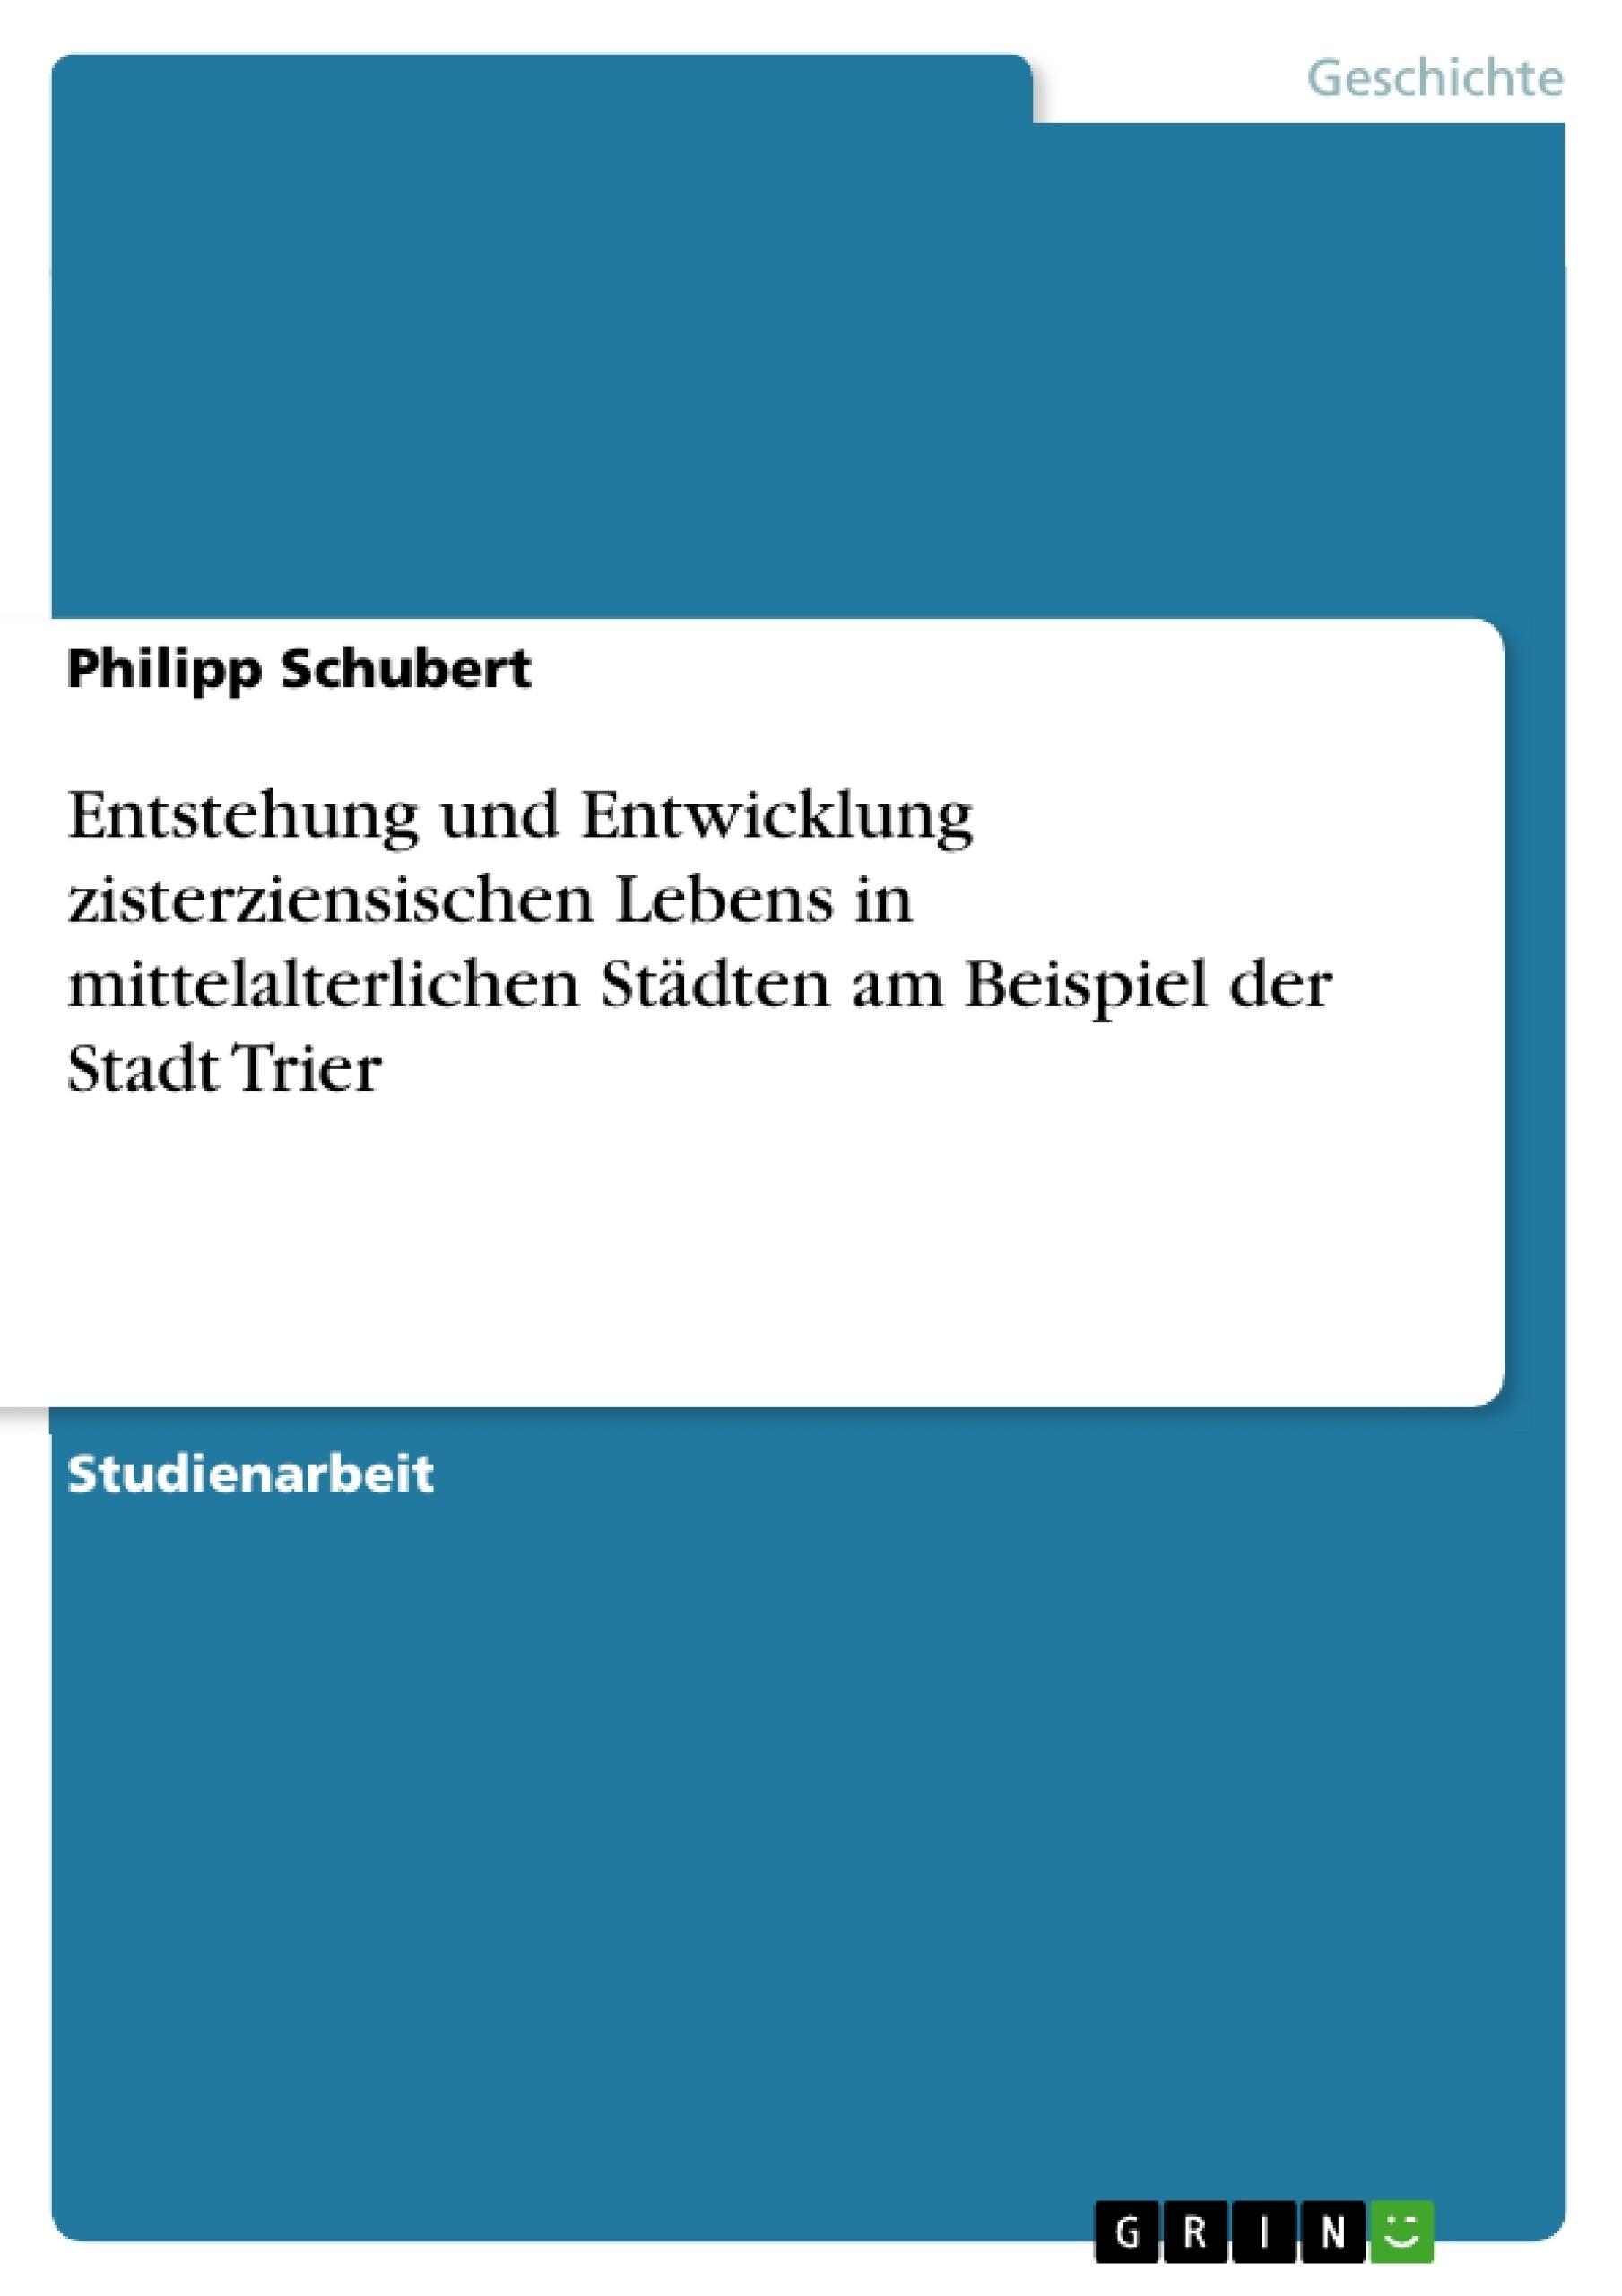 Titel: Entstehung und Entwicklung zisterziensischen Lebens in mittelalterlichen Städten am Beispiel der Stadt Trier